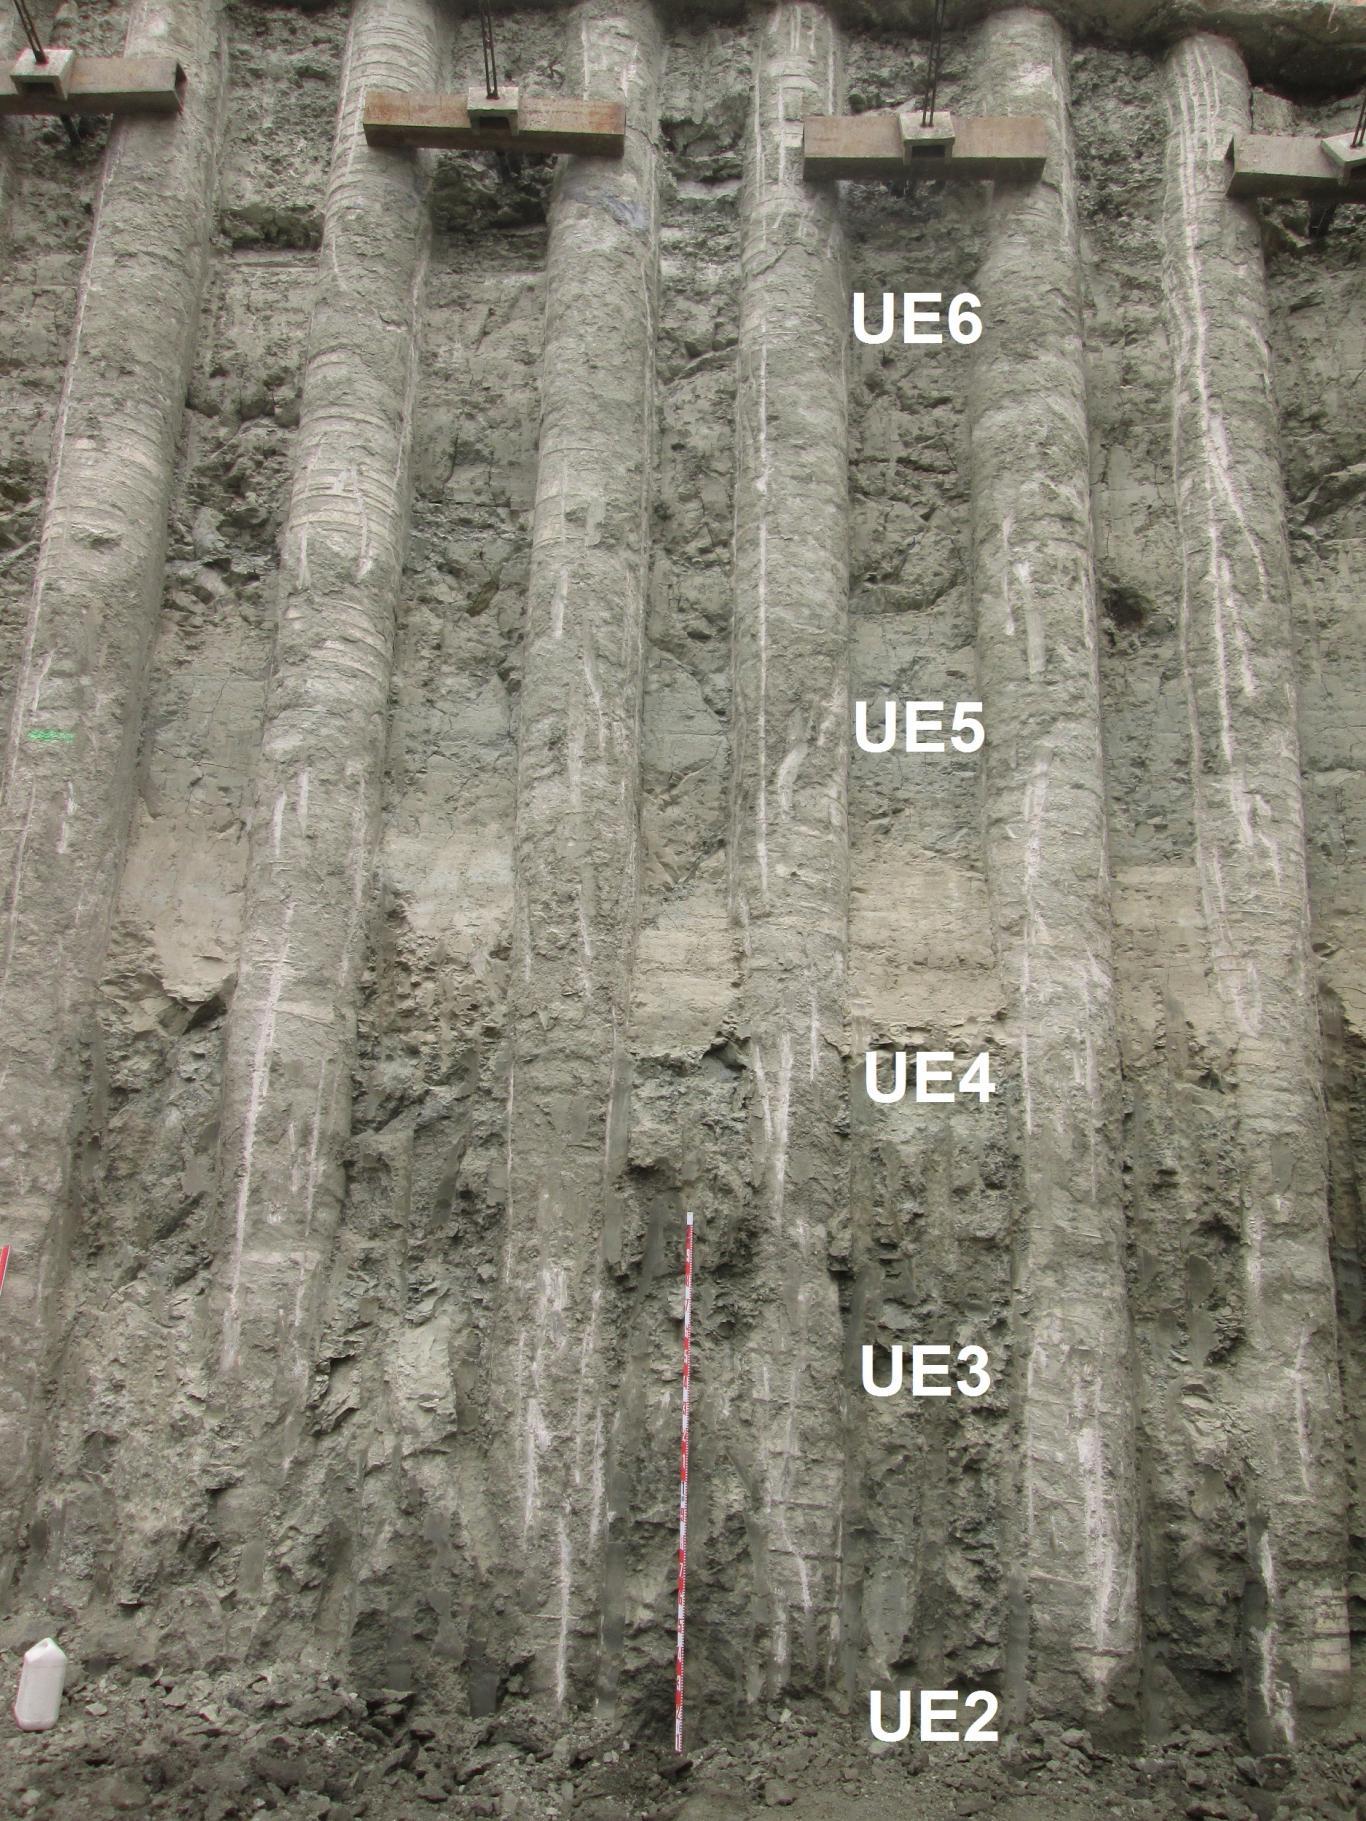 Imagen de perfil estratigráfico en la esquina oeste